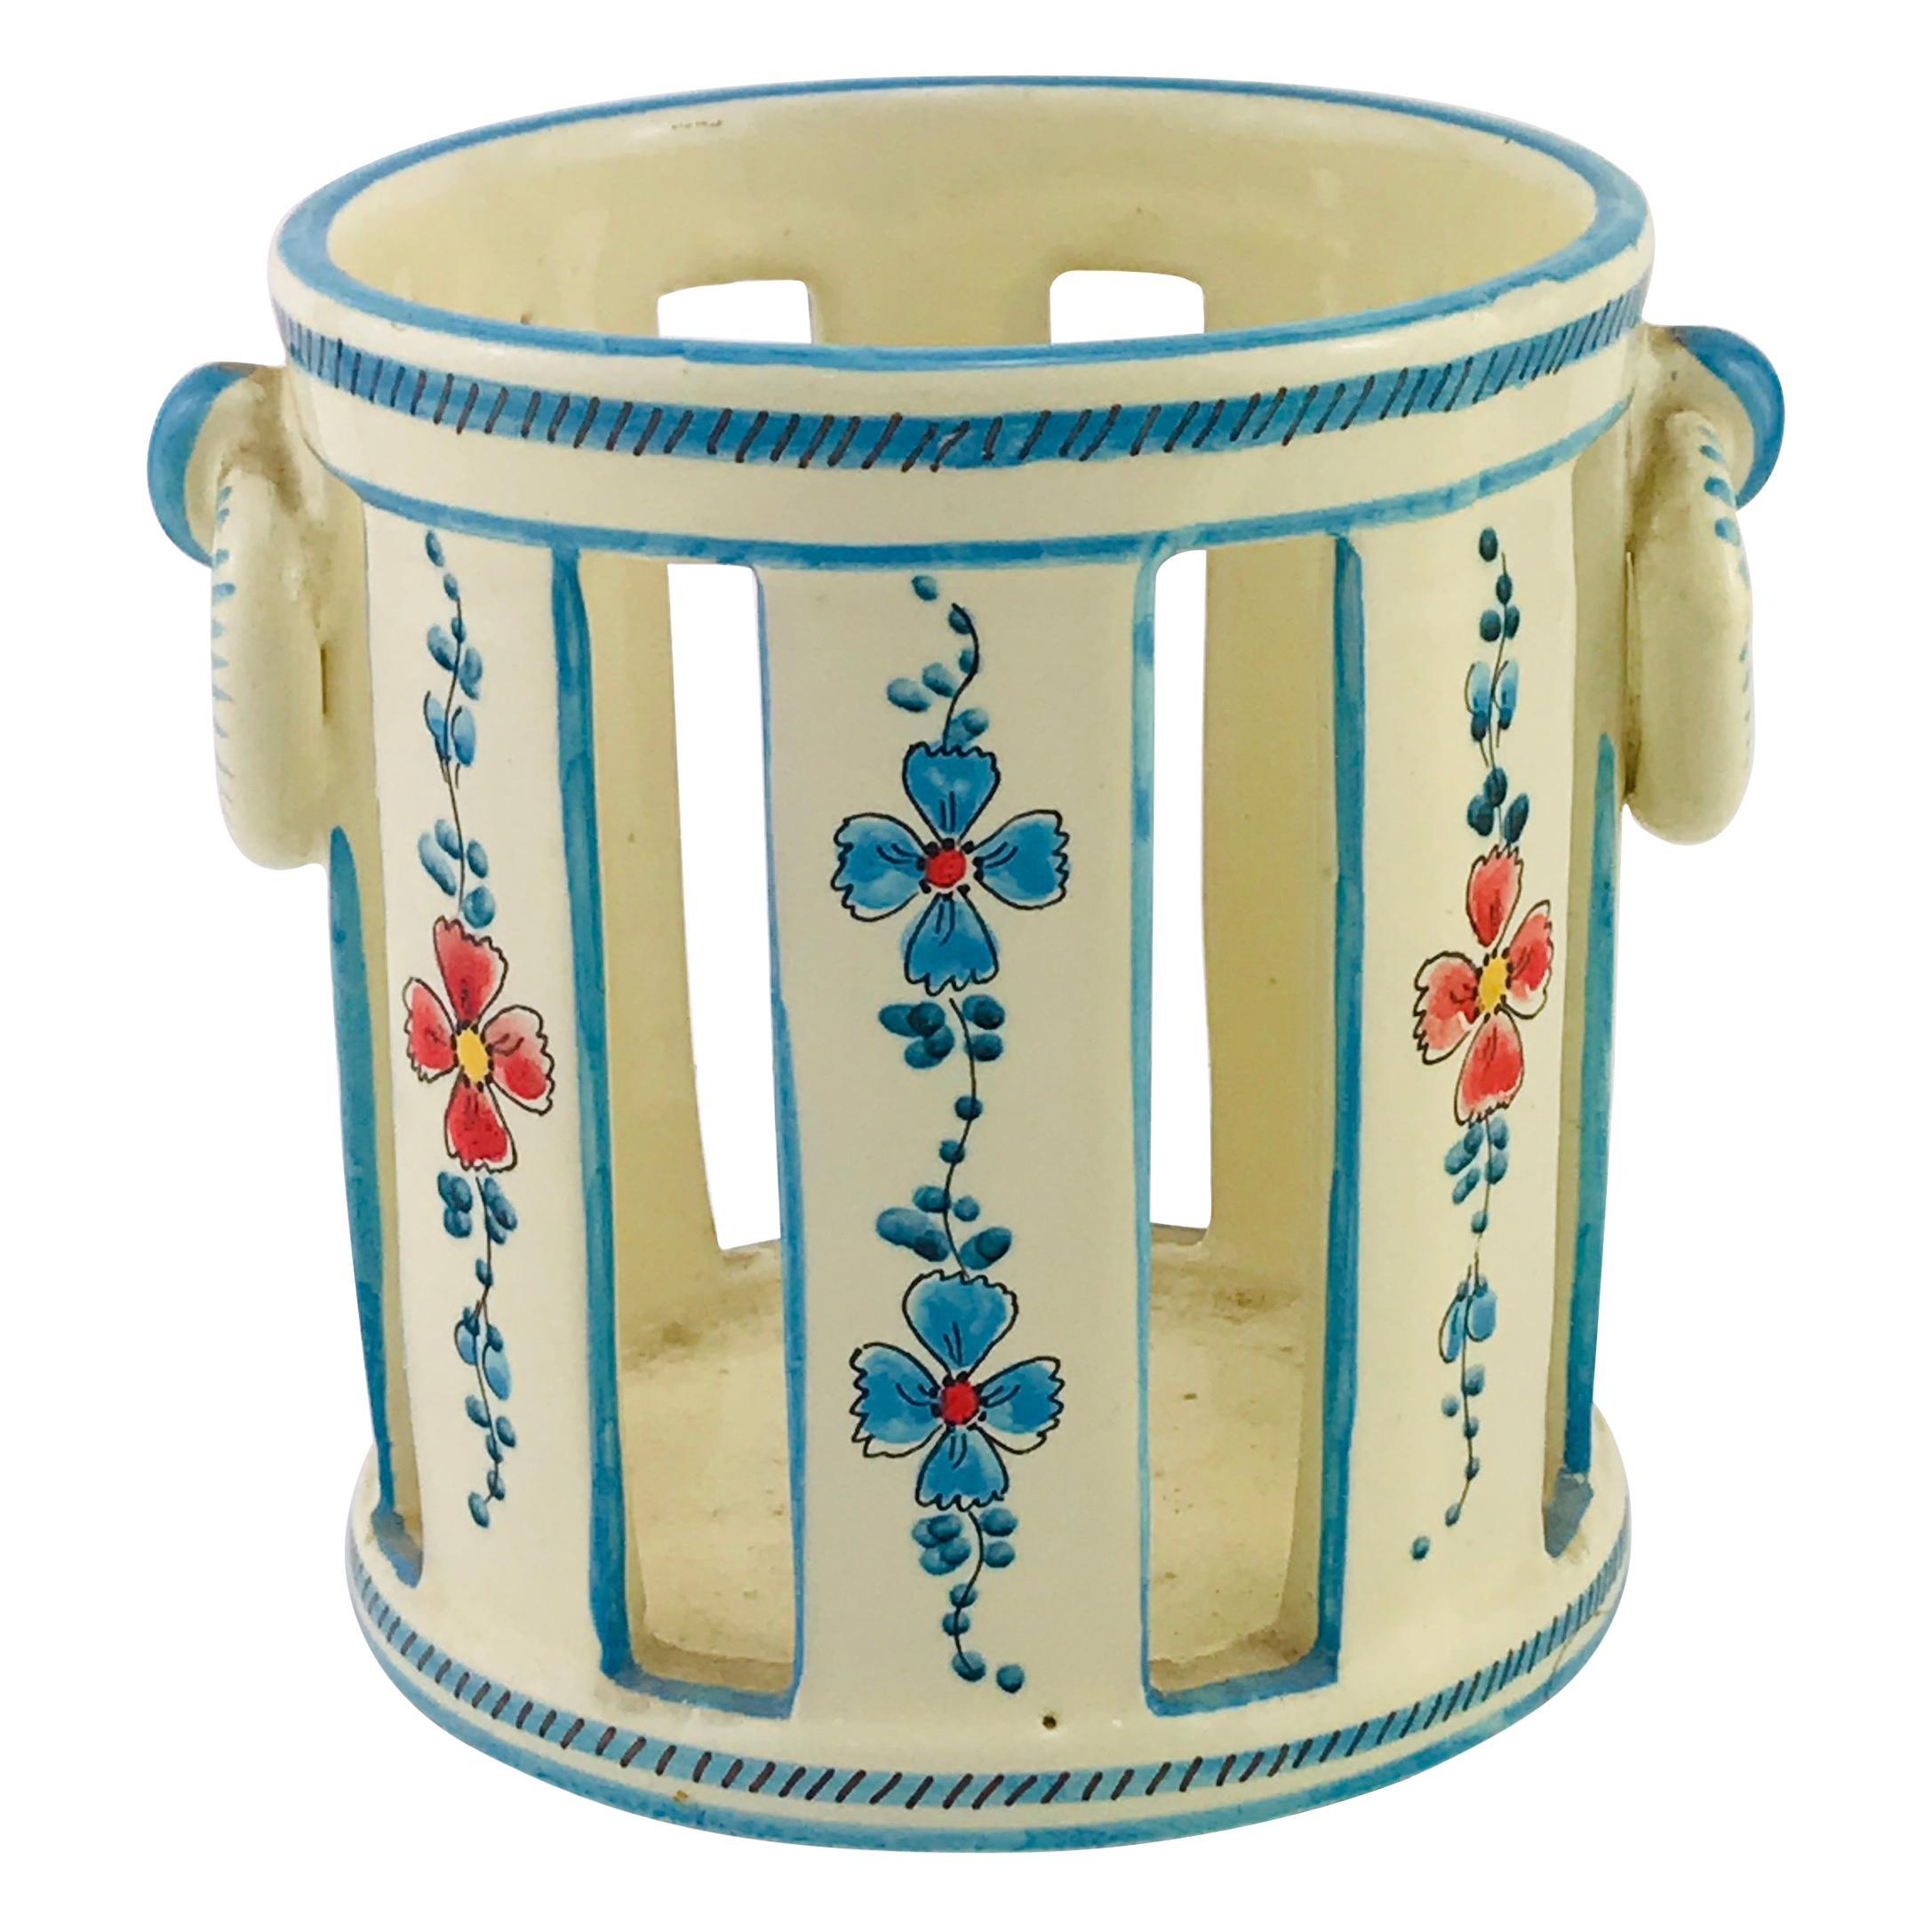 Midcentury Italian Gualdo Deruta White Ceramic Vase, 1950s